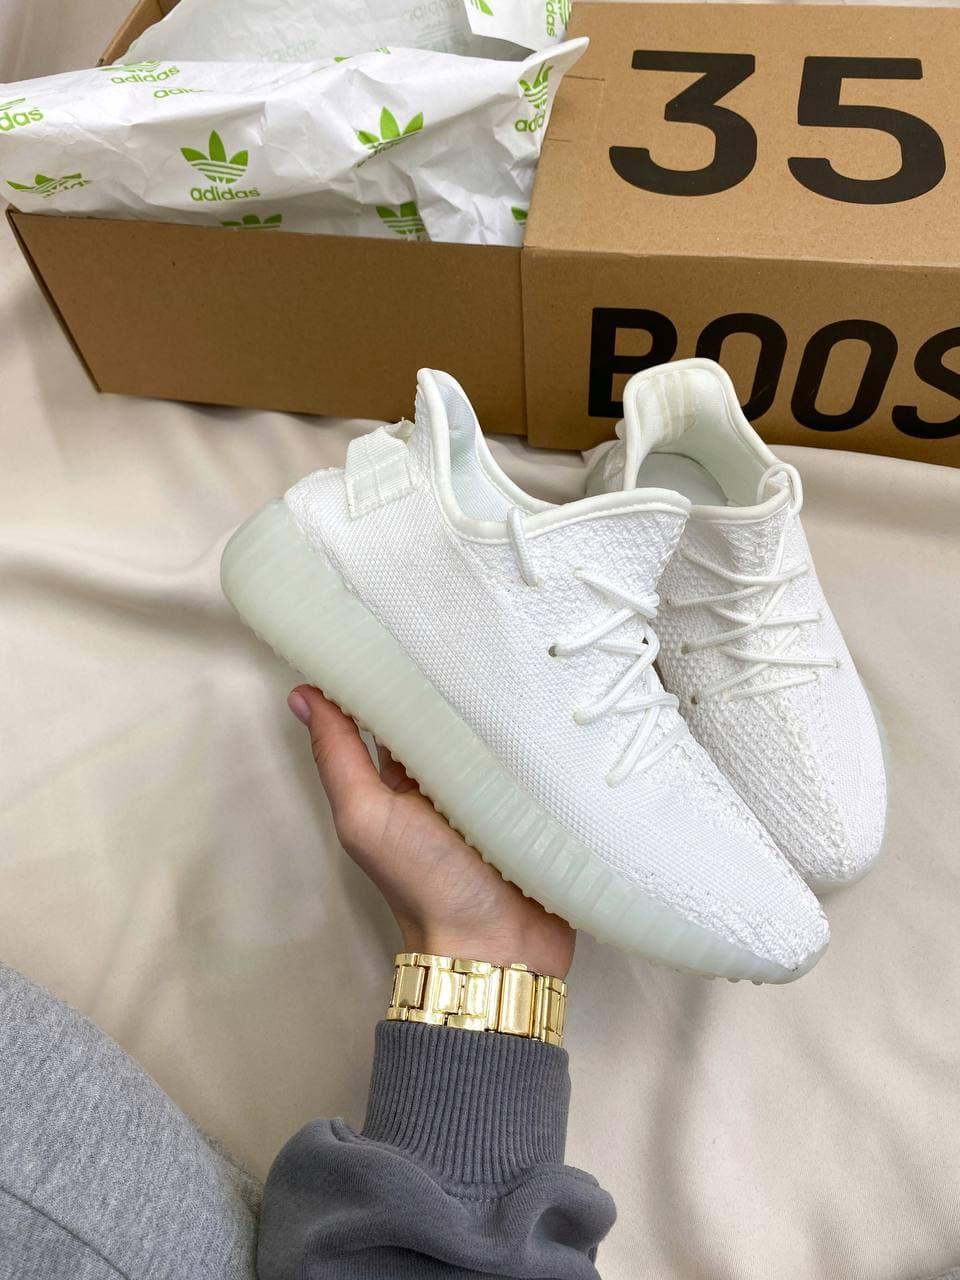 Женские кроссовки Adidas Yeezy Boost 350 (белые) YE031 стильные модные кроссы